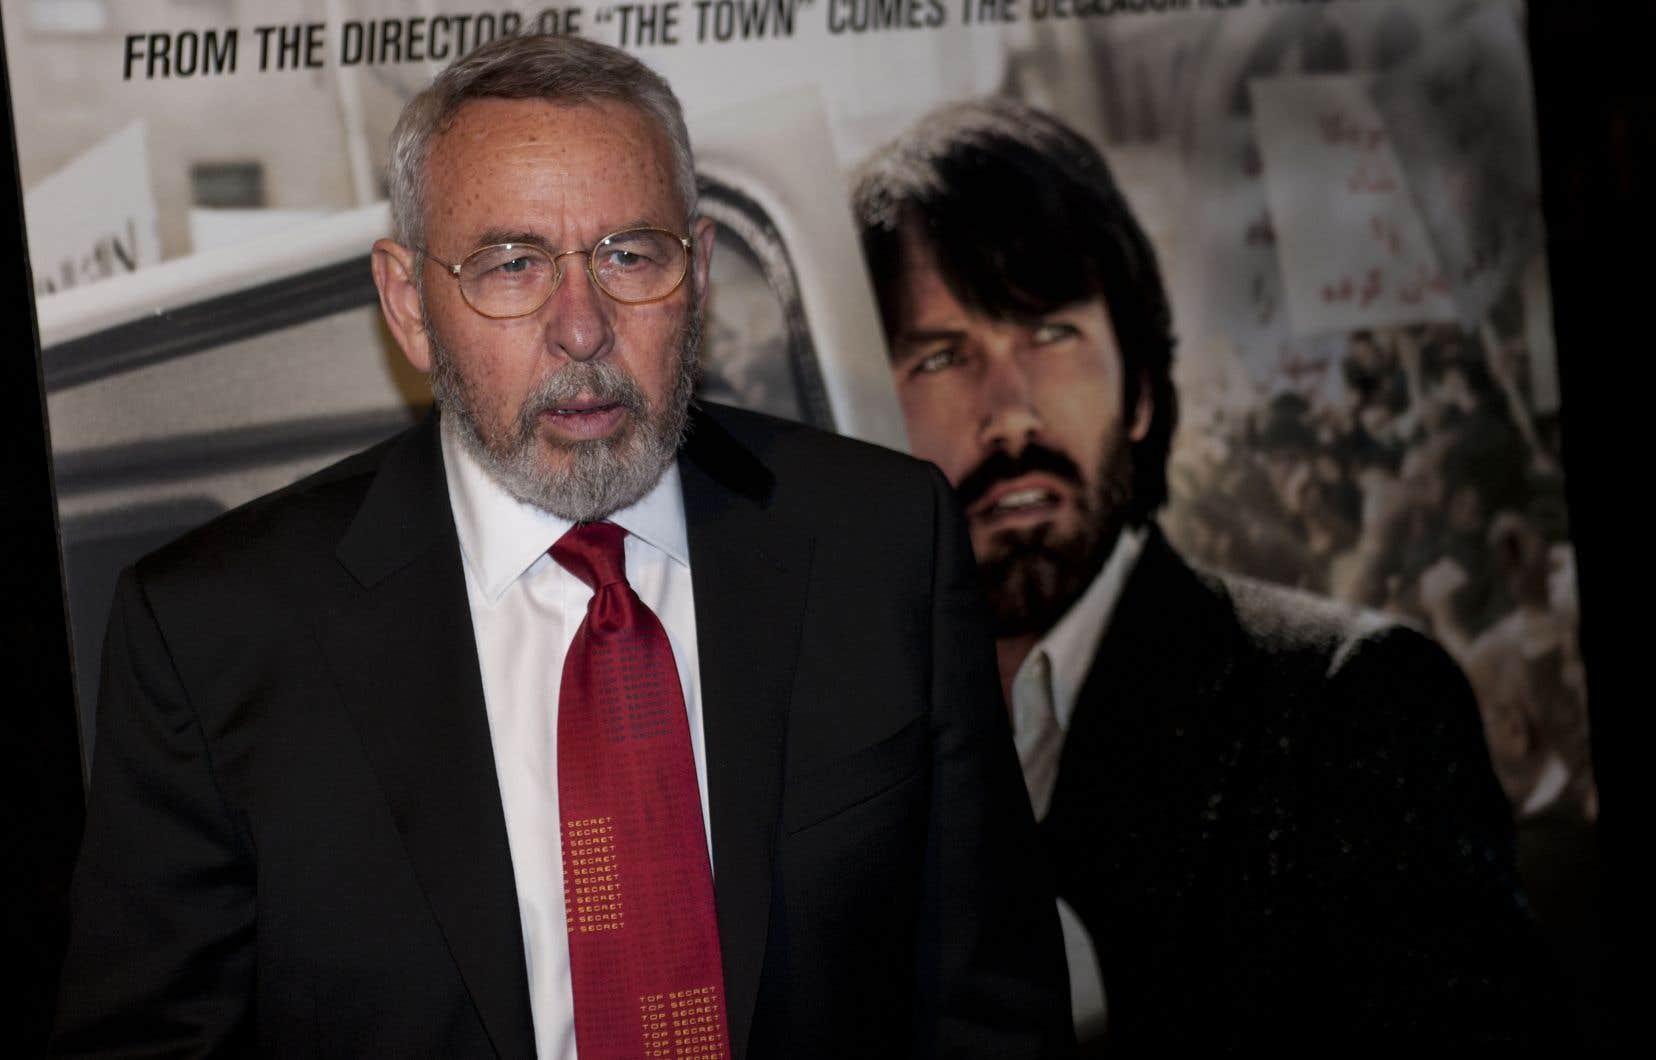 L'ex-agent de la CIA Tony Mendeza inspiré le film oscarisé «Argo».